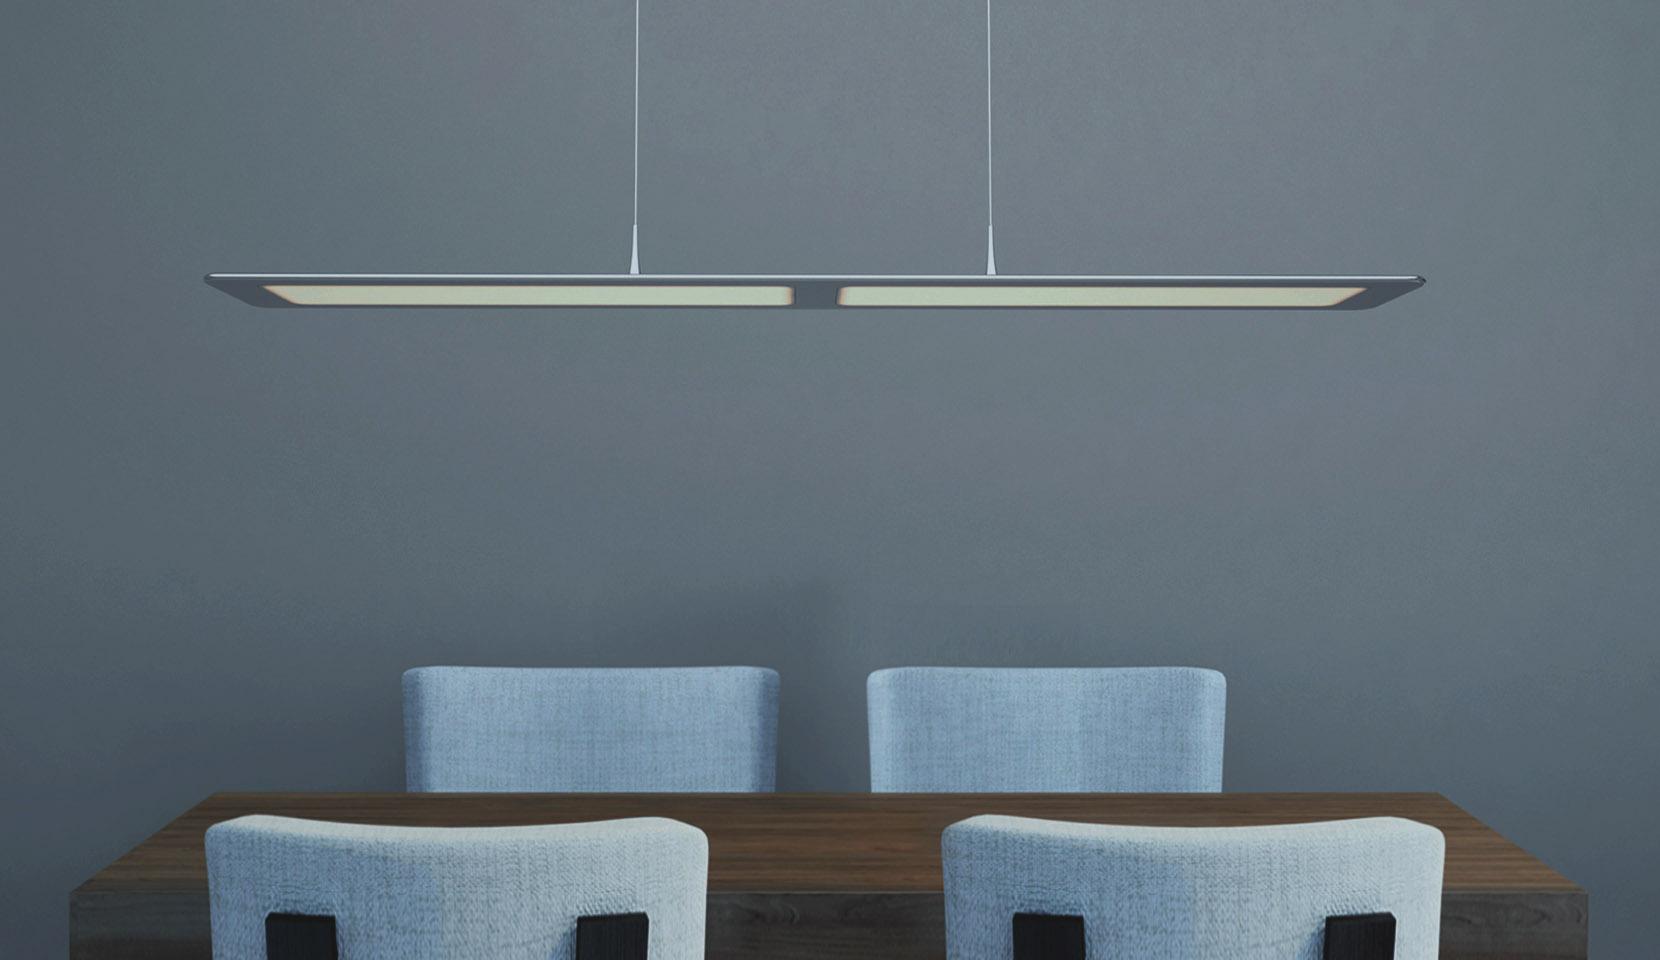 Inteligentne oświetlenie dla Twojego domu